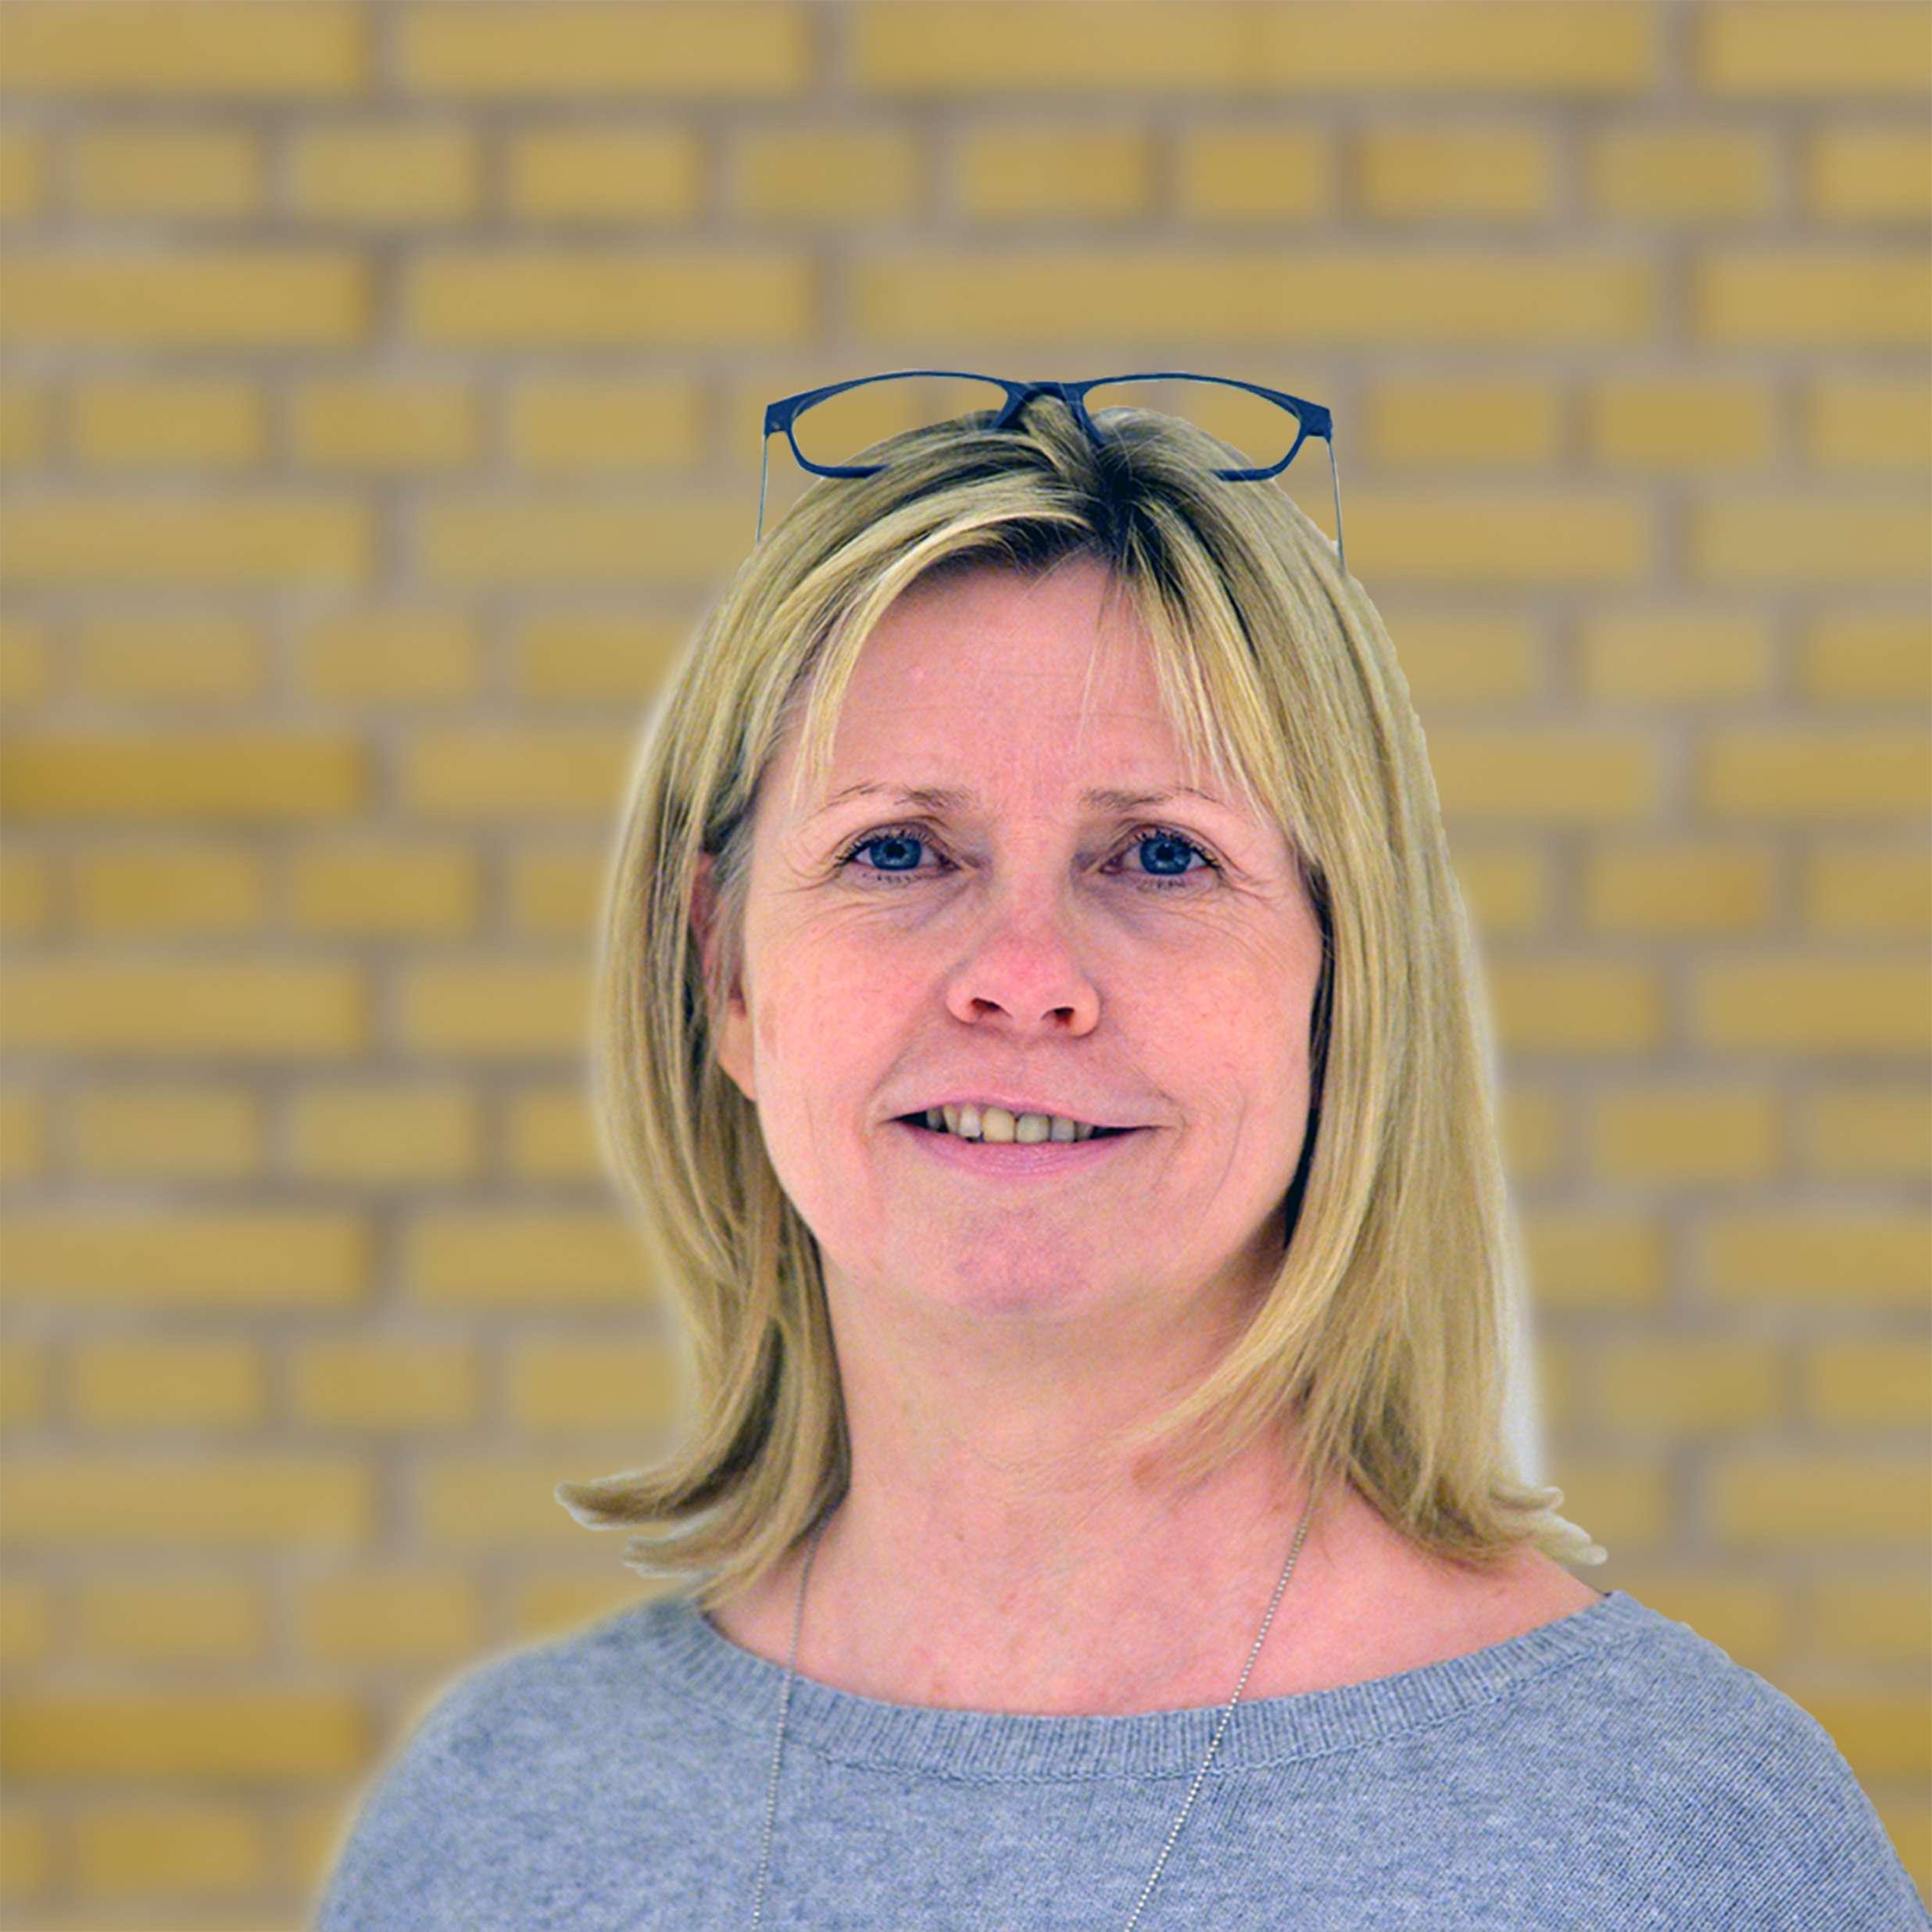 Helle M. Nielsen fra Sparekassen Sjælland i Dianalund